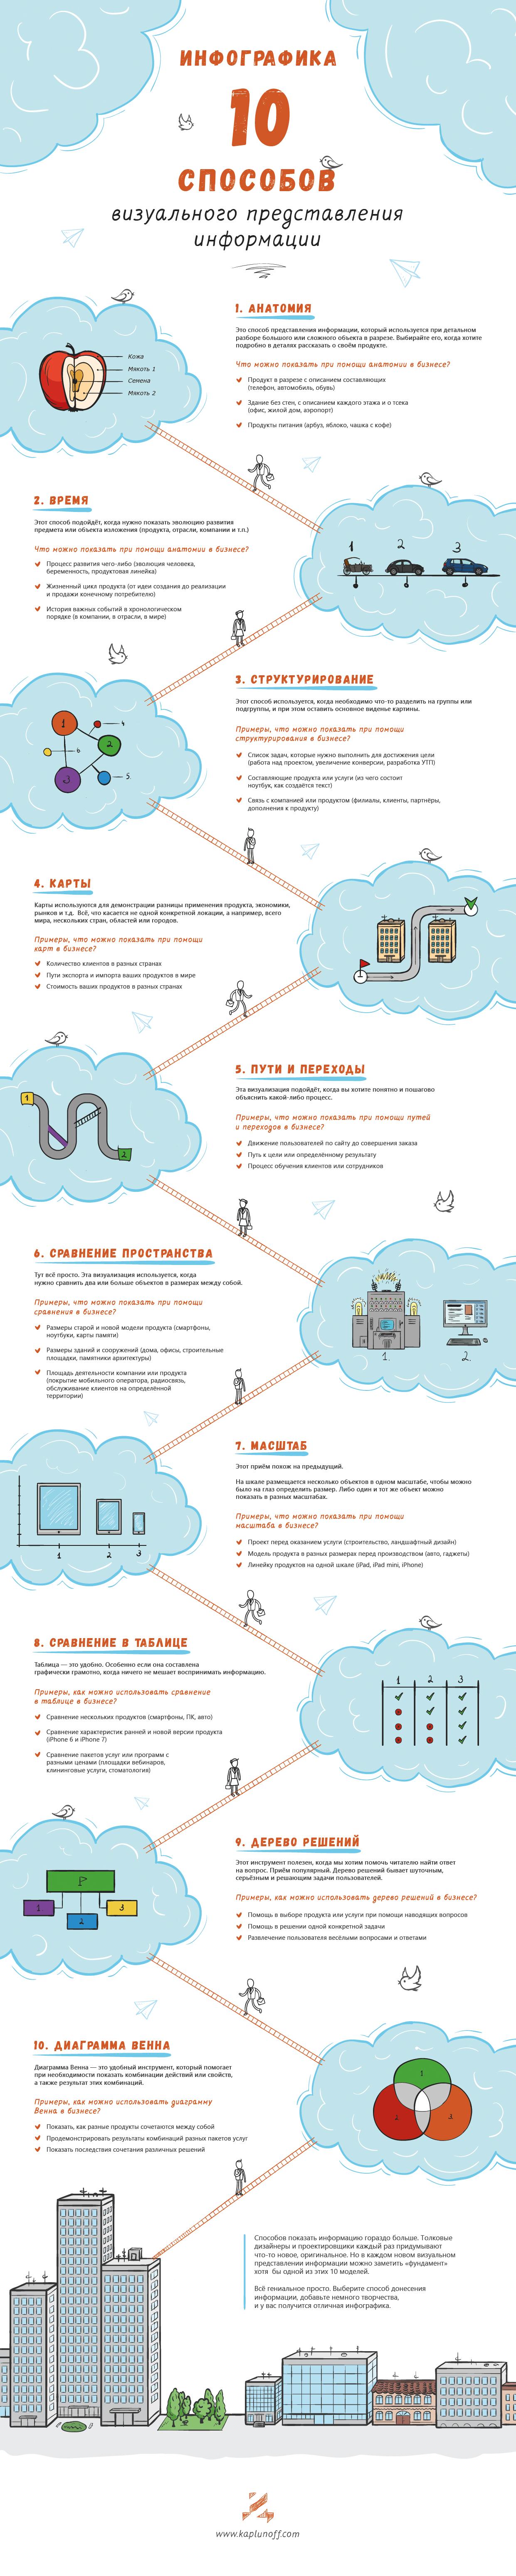 10 способов визуального представления информации (инфографика)